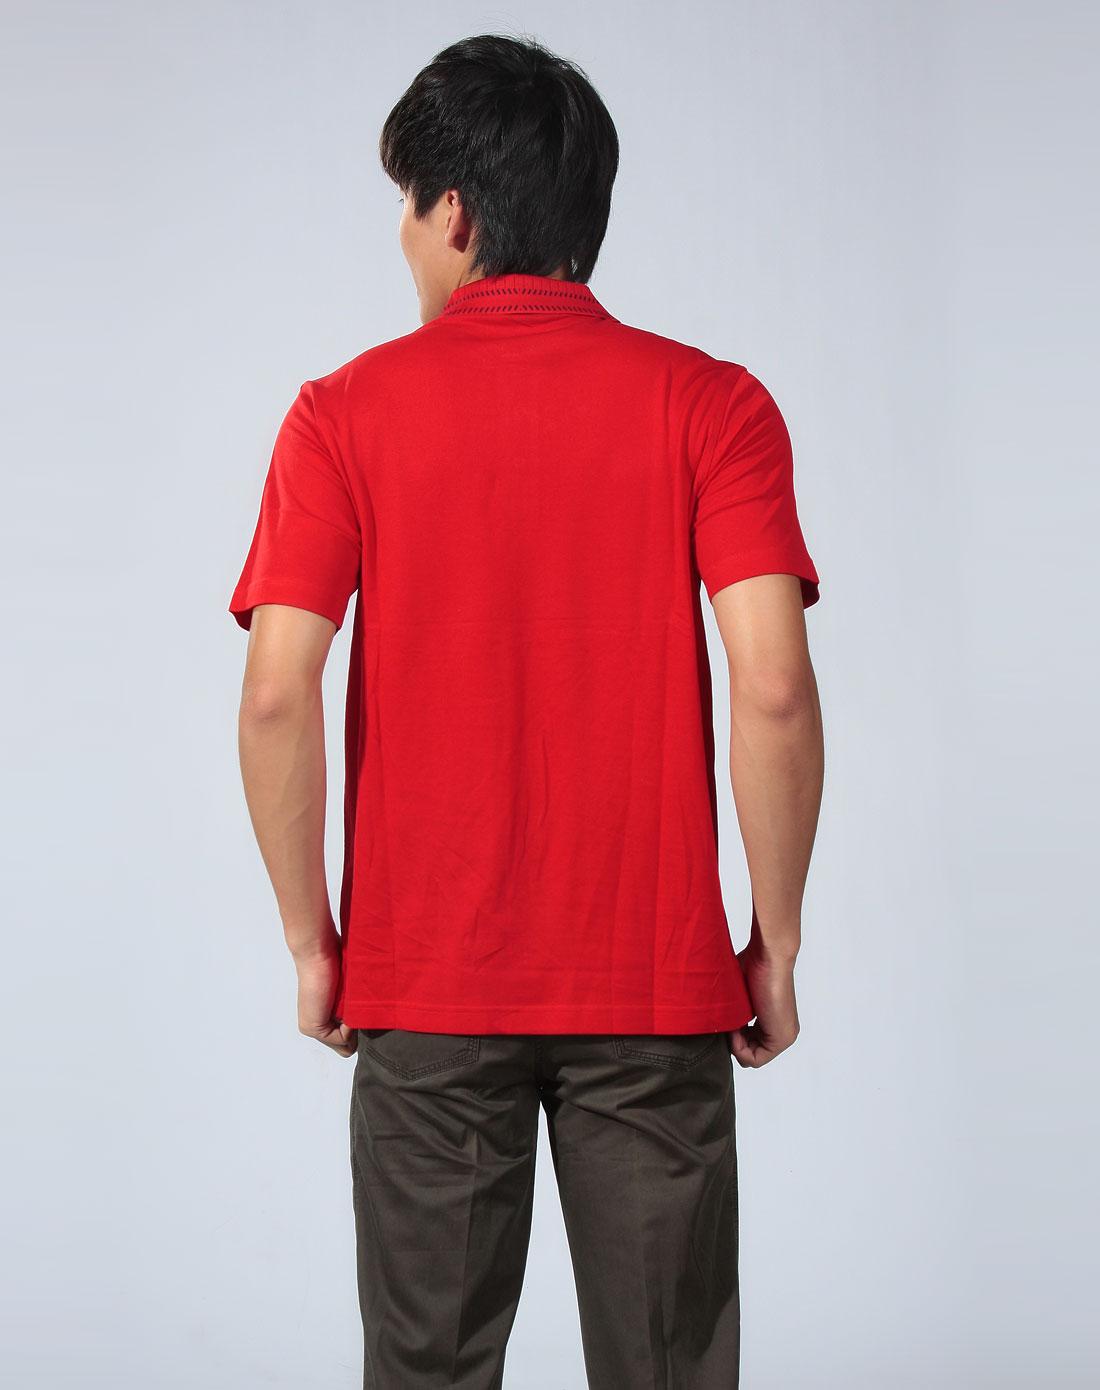 卡丹路cardanro 大红色休闲短袖polo衫